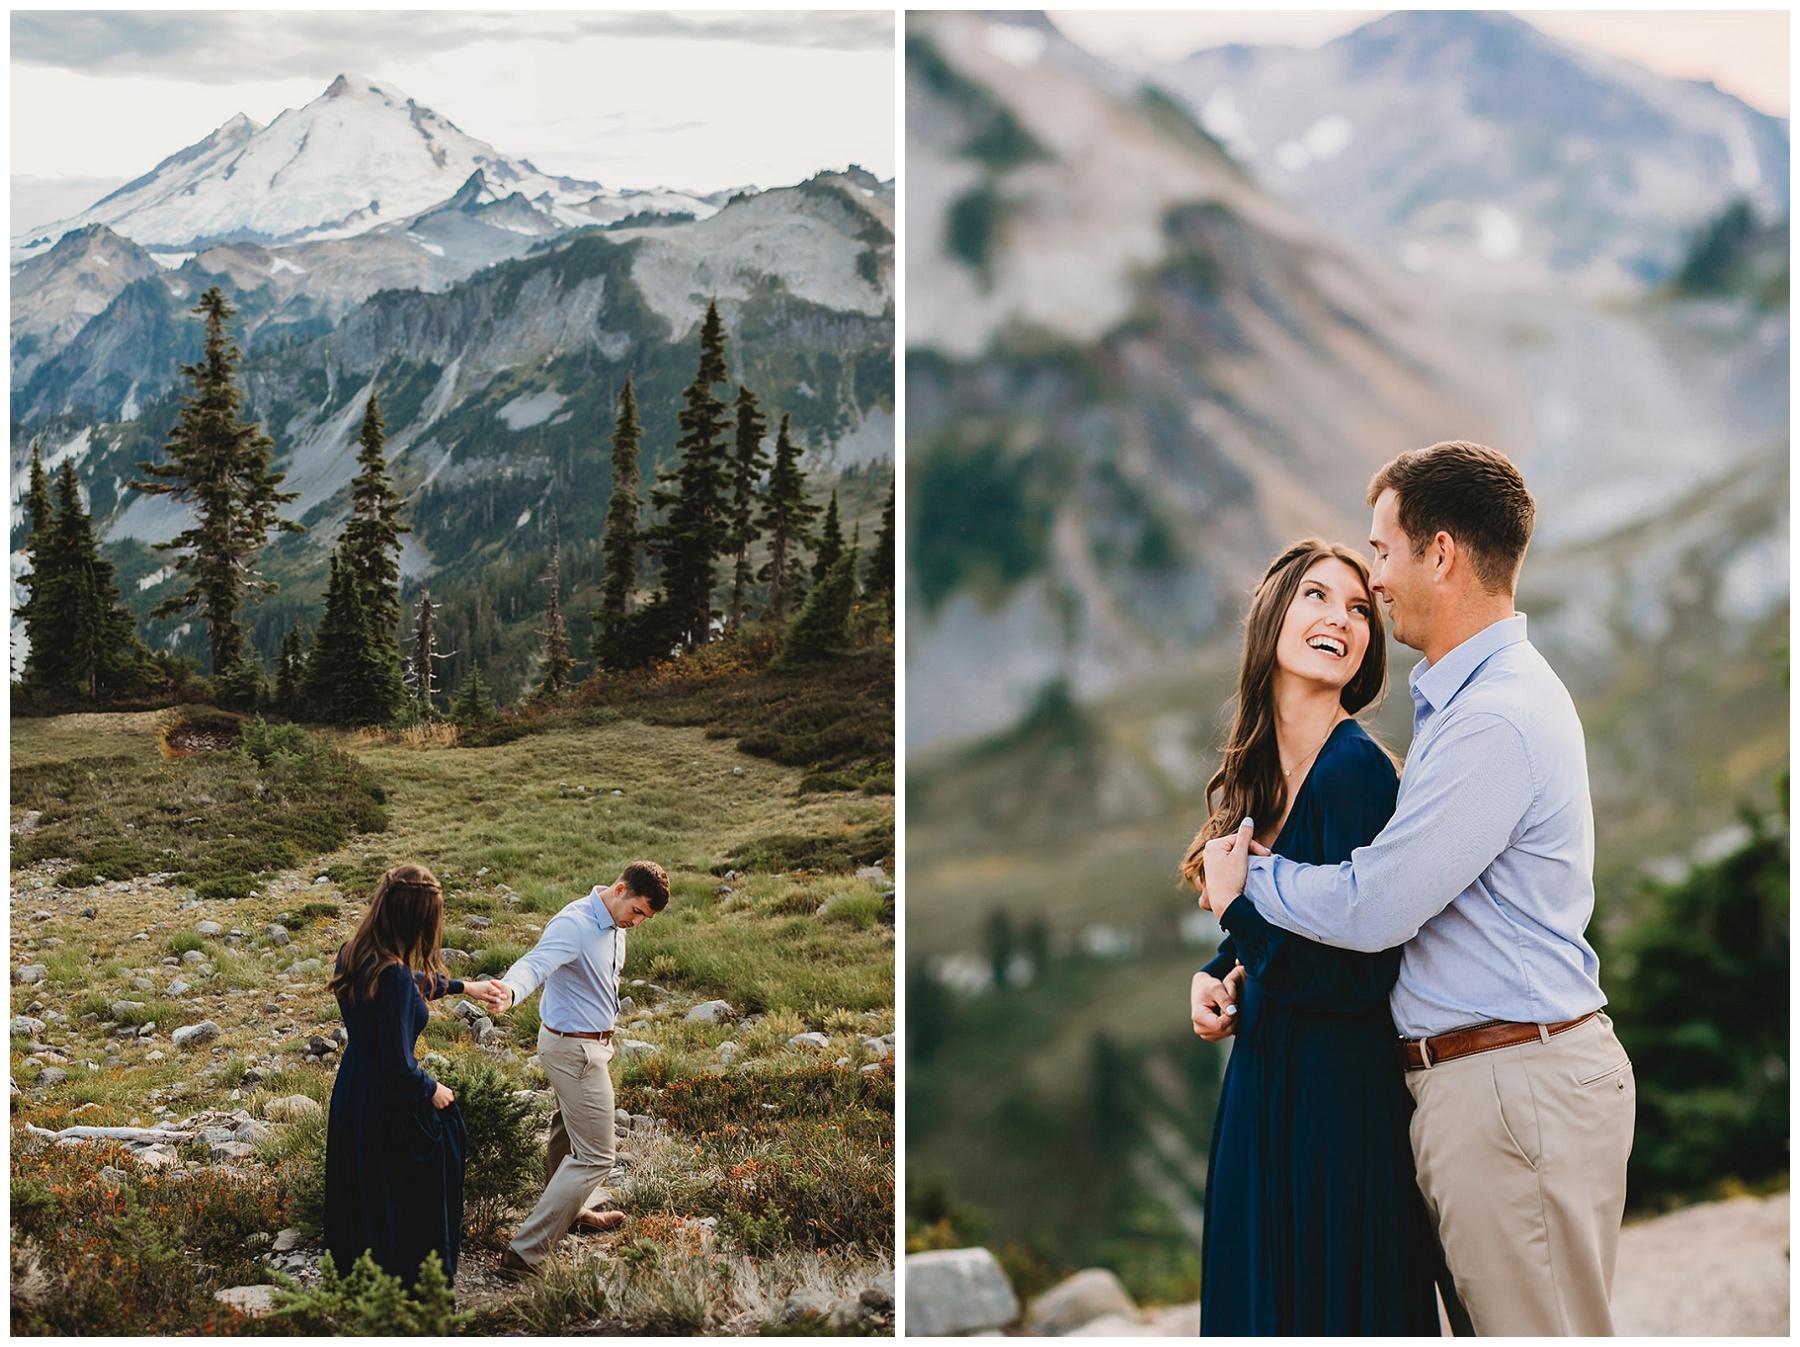 couple walking through the mountains